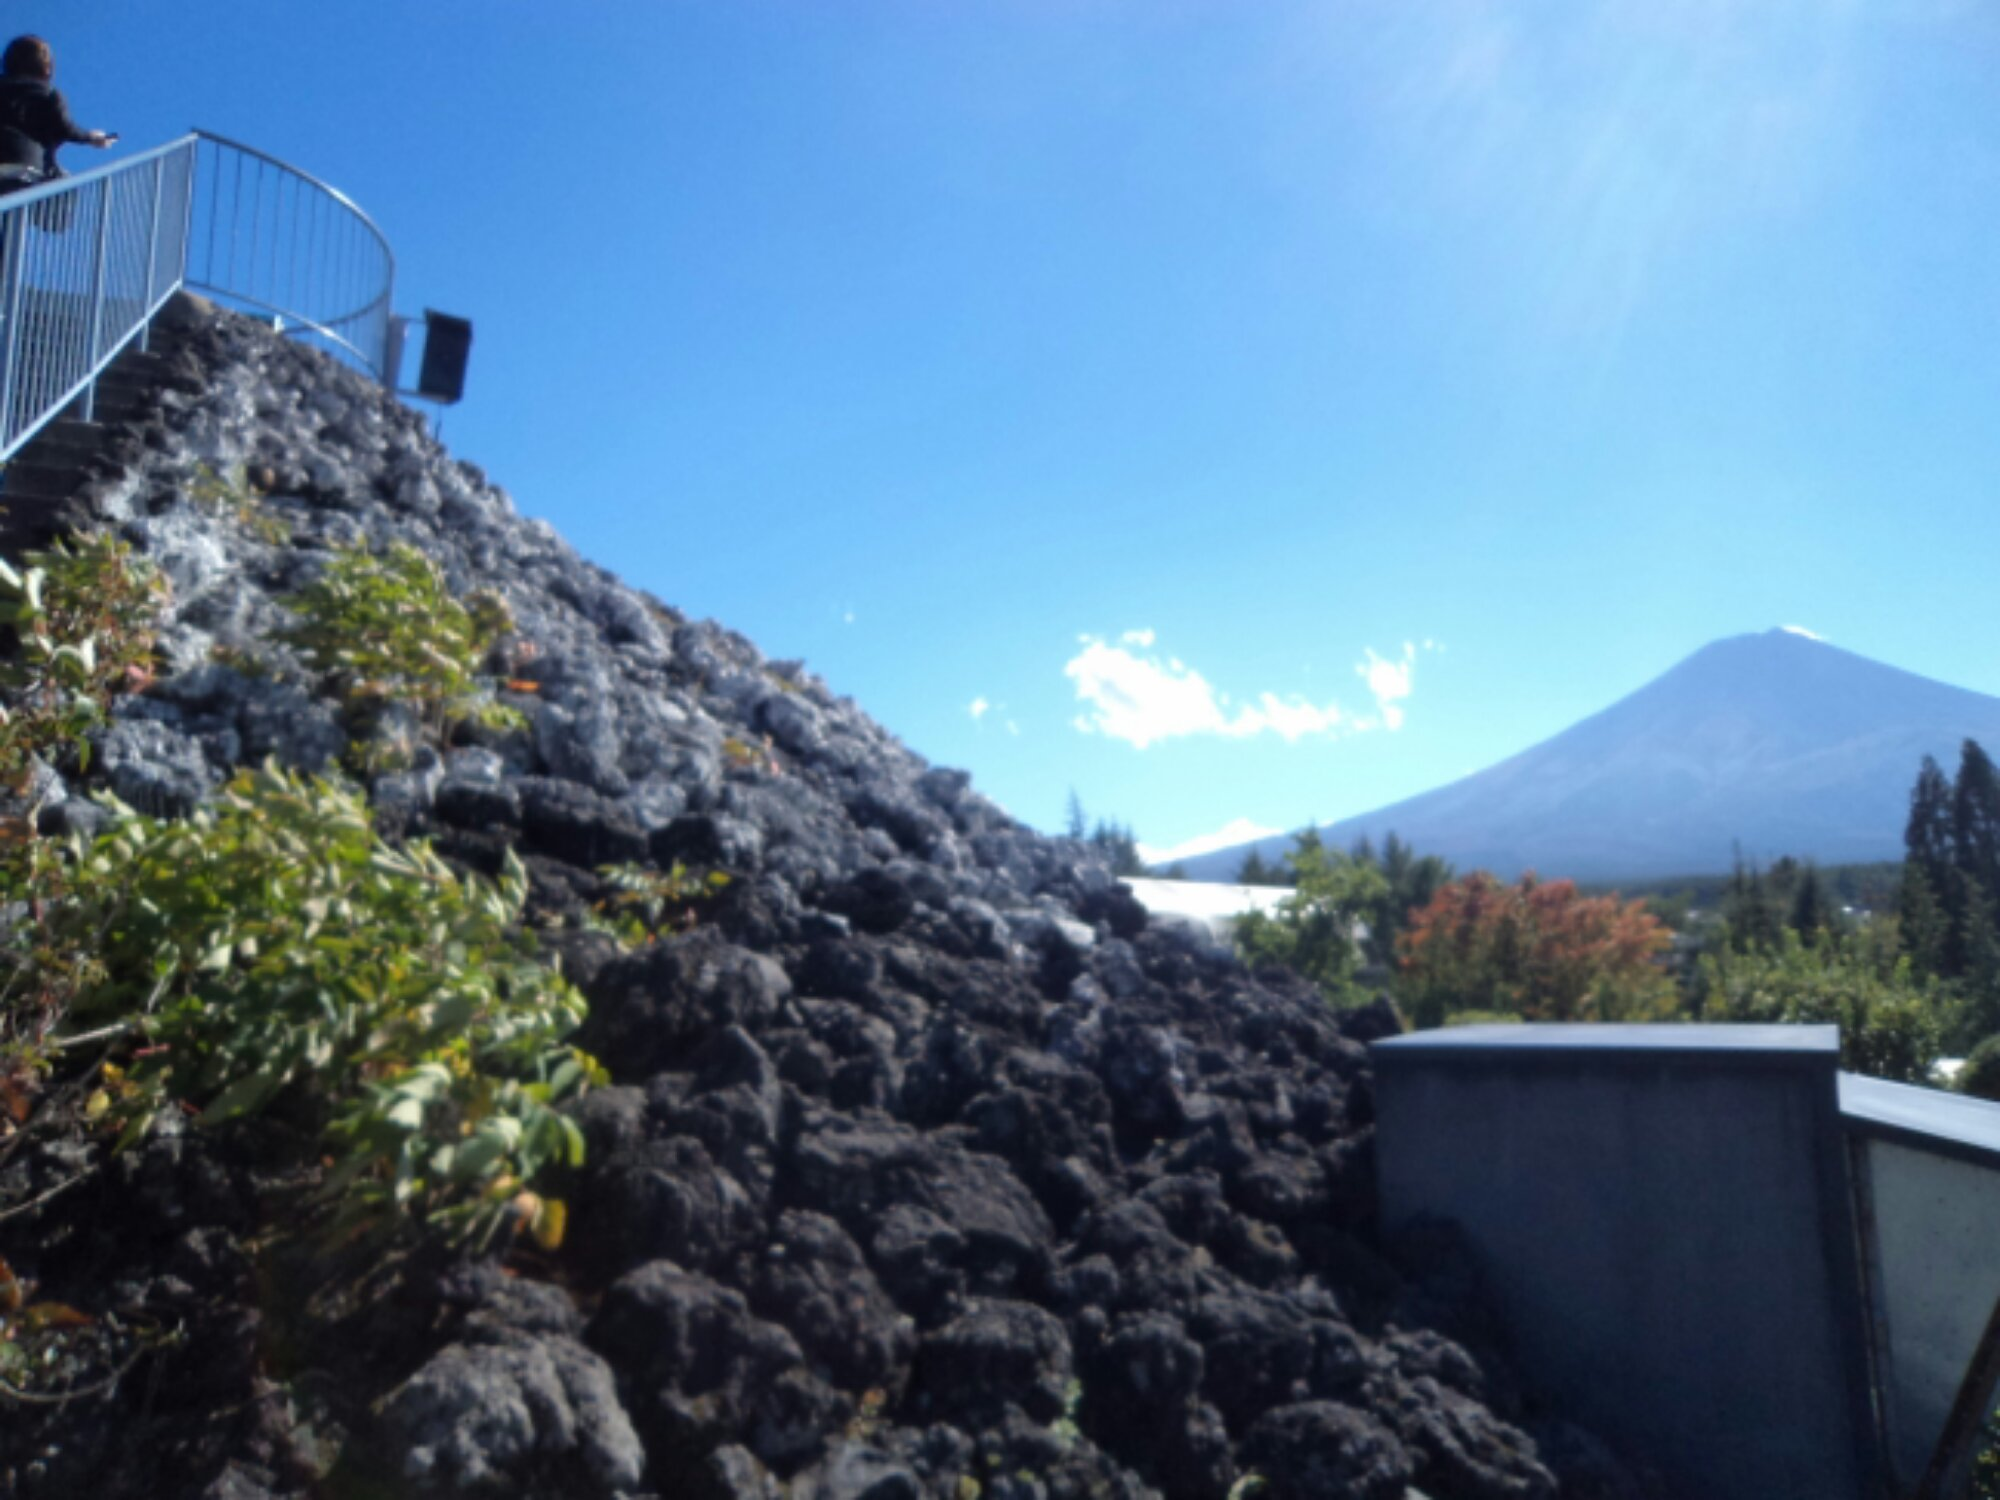 Fujisan visto do mirante do Fuji-Q